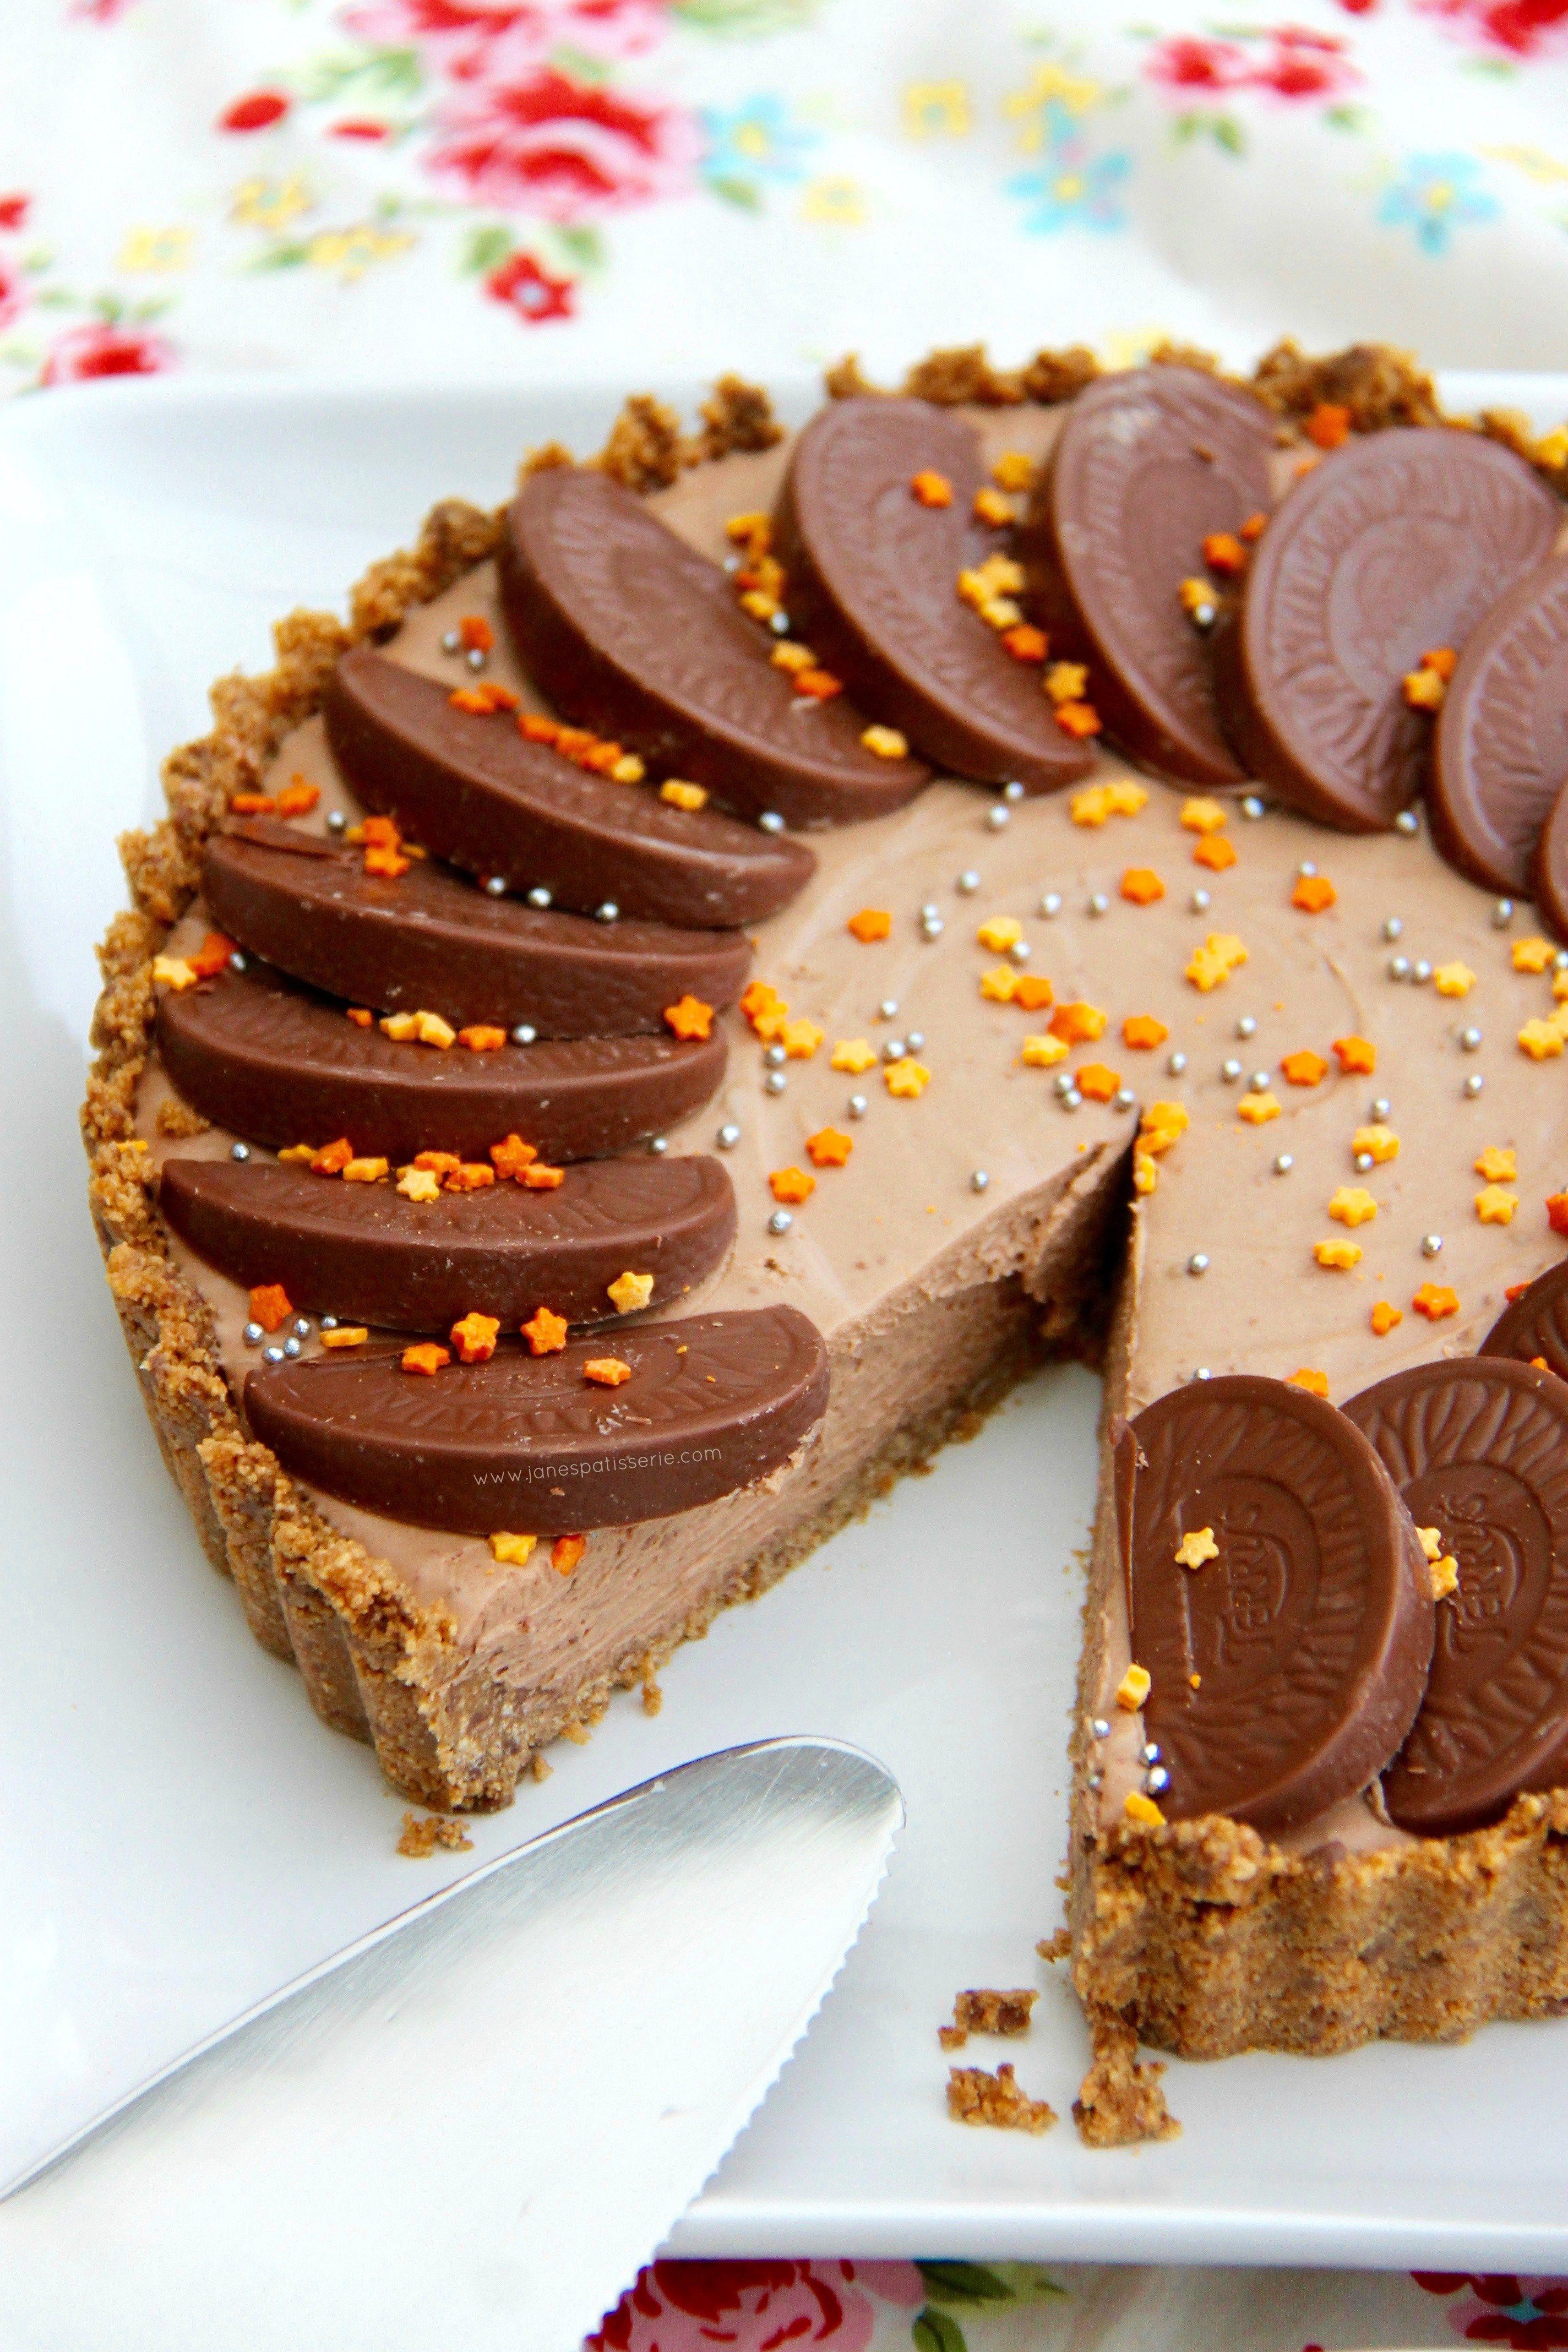 No Bake Terry S Chocolate Orange Tart A Delicious No Bake Terry S